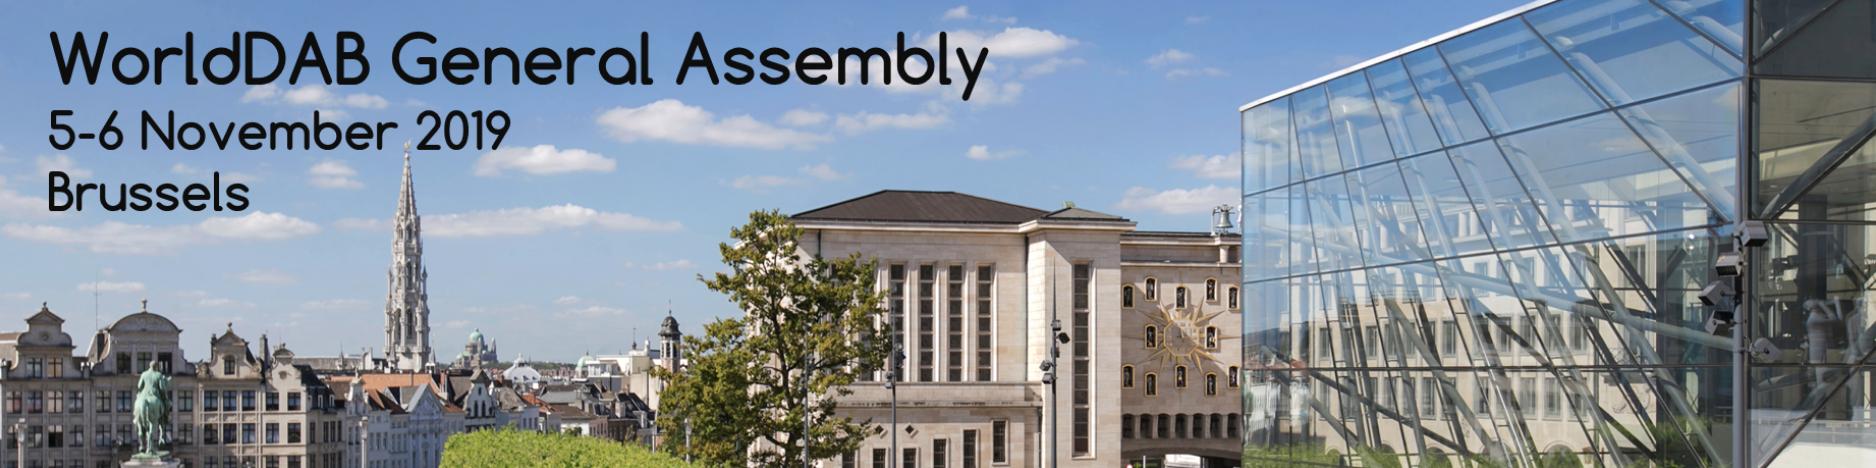 Assemblée générale du WorldDAB à Bruxelles